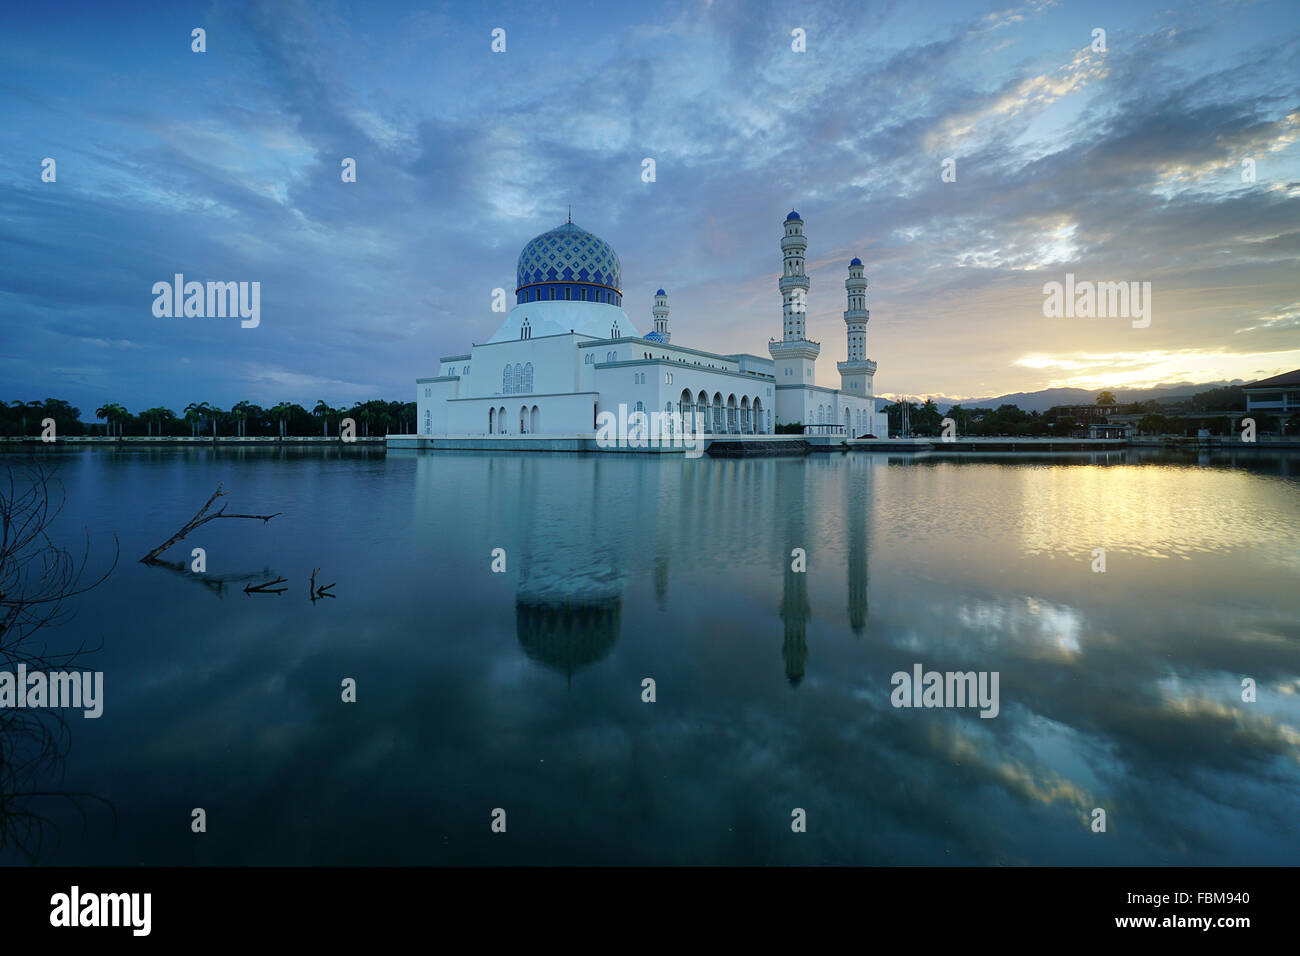 Floating Mosque,  Kota Kinabalu city, Sabah, Malaysia Stock Photo